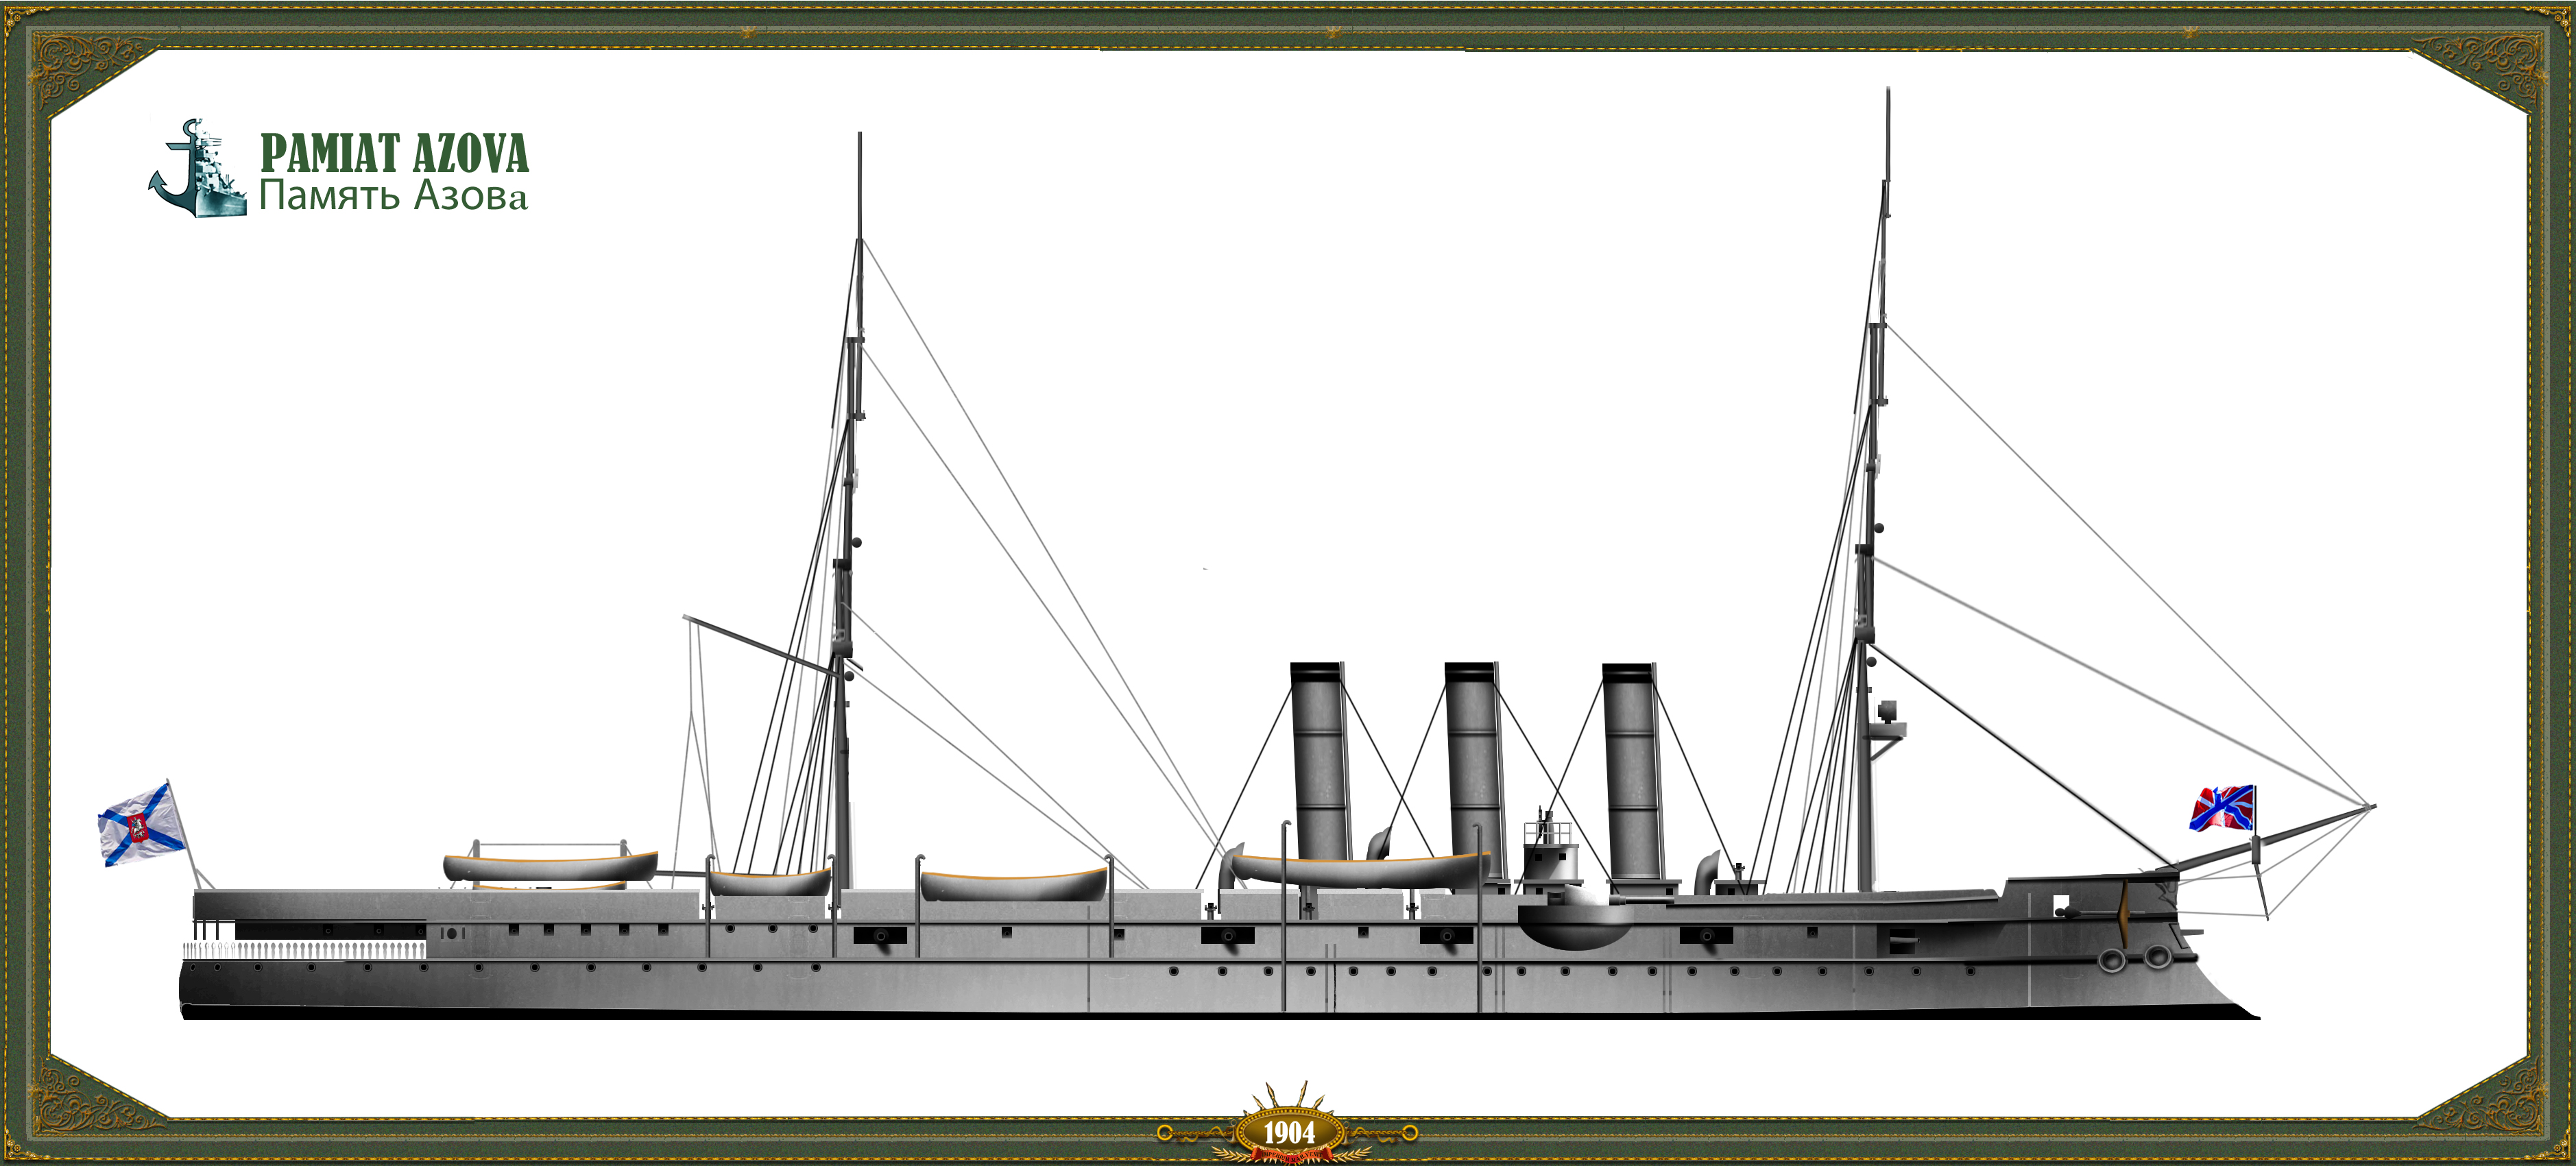 Dvina 1904